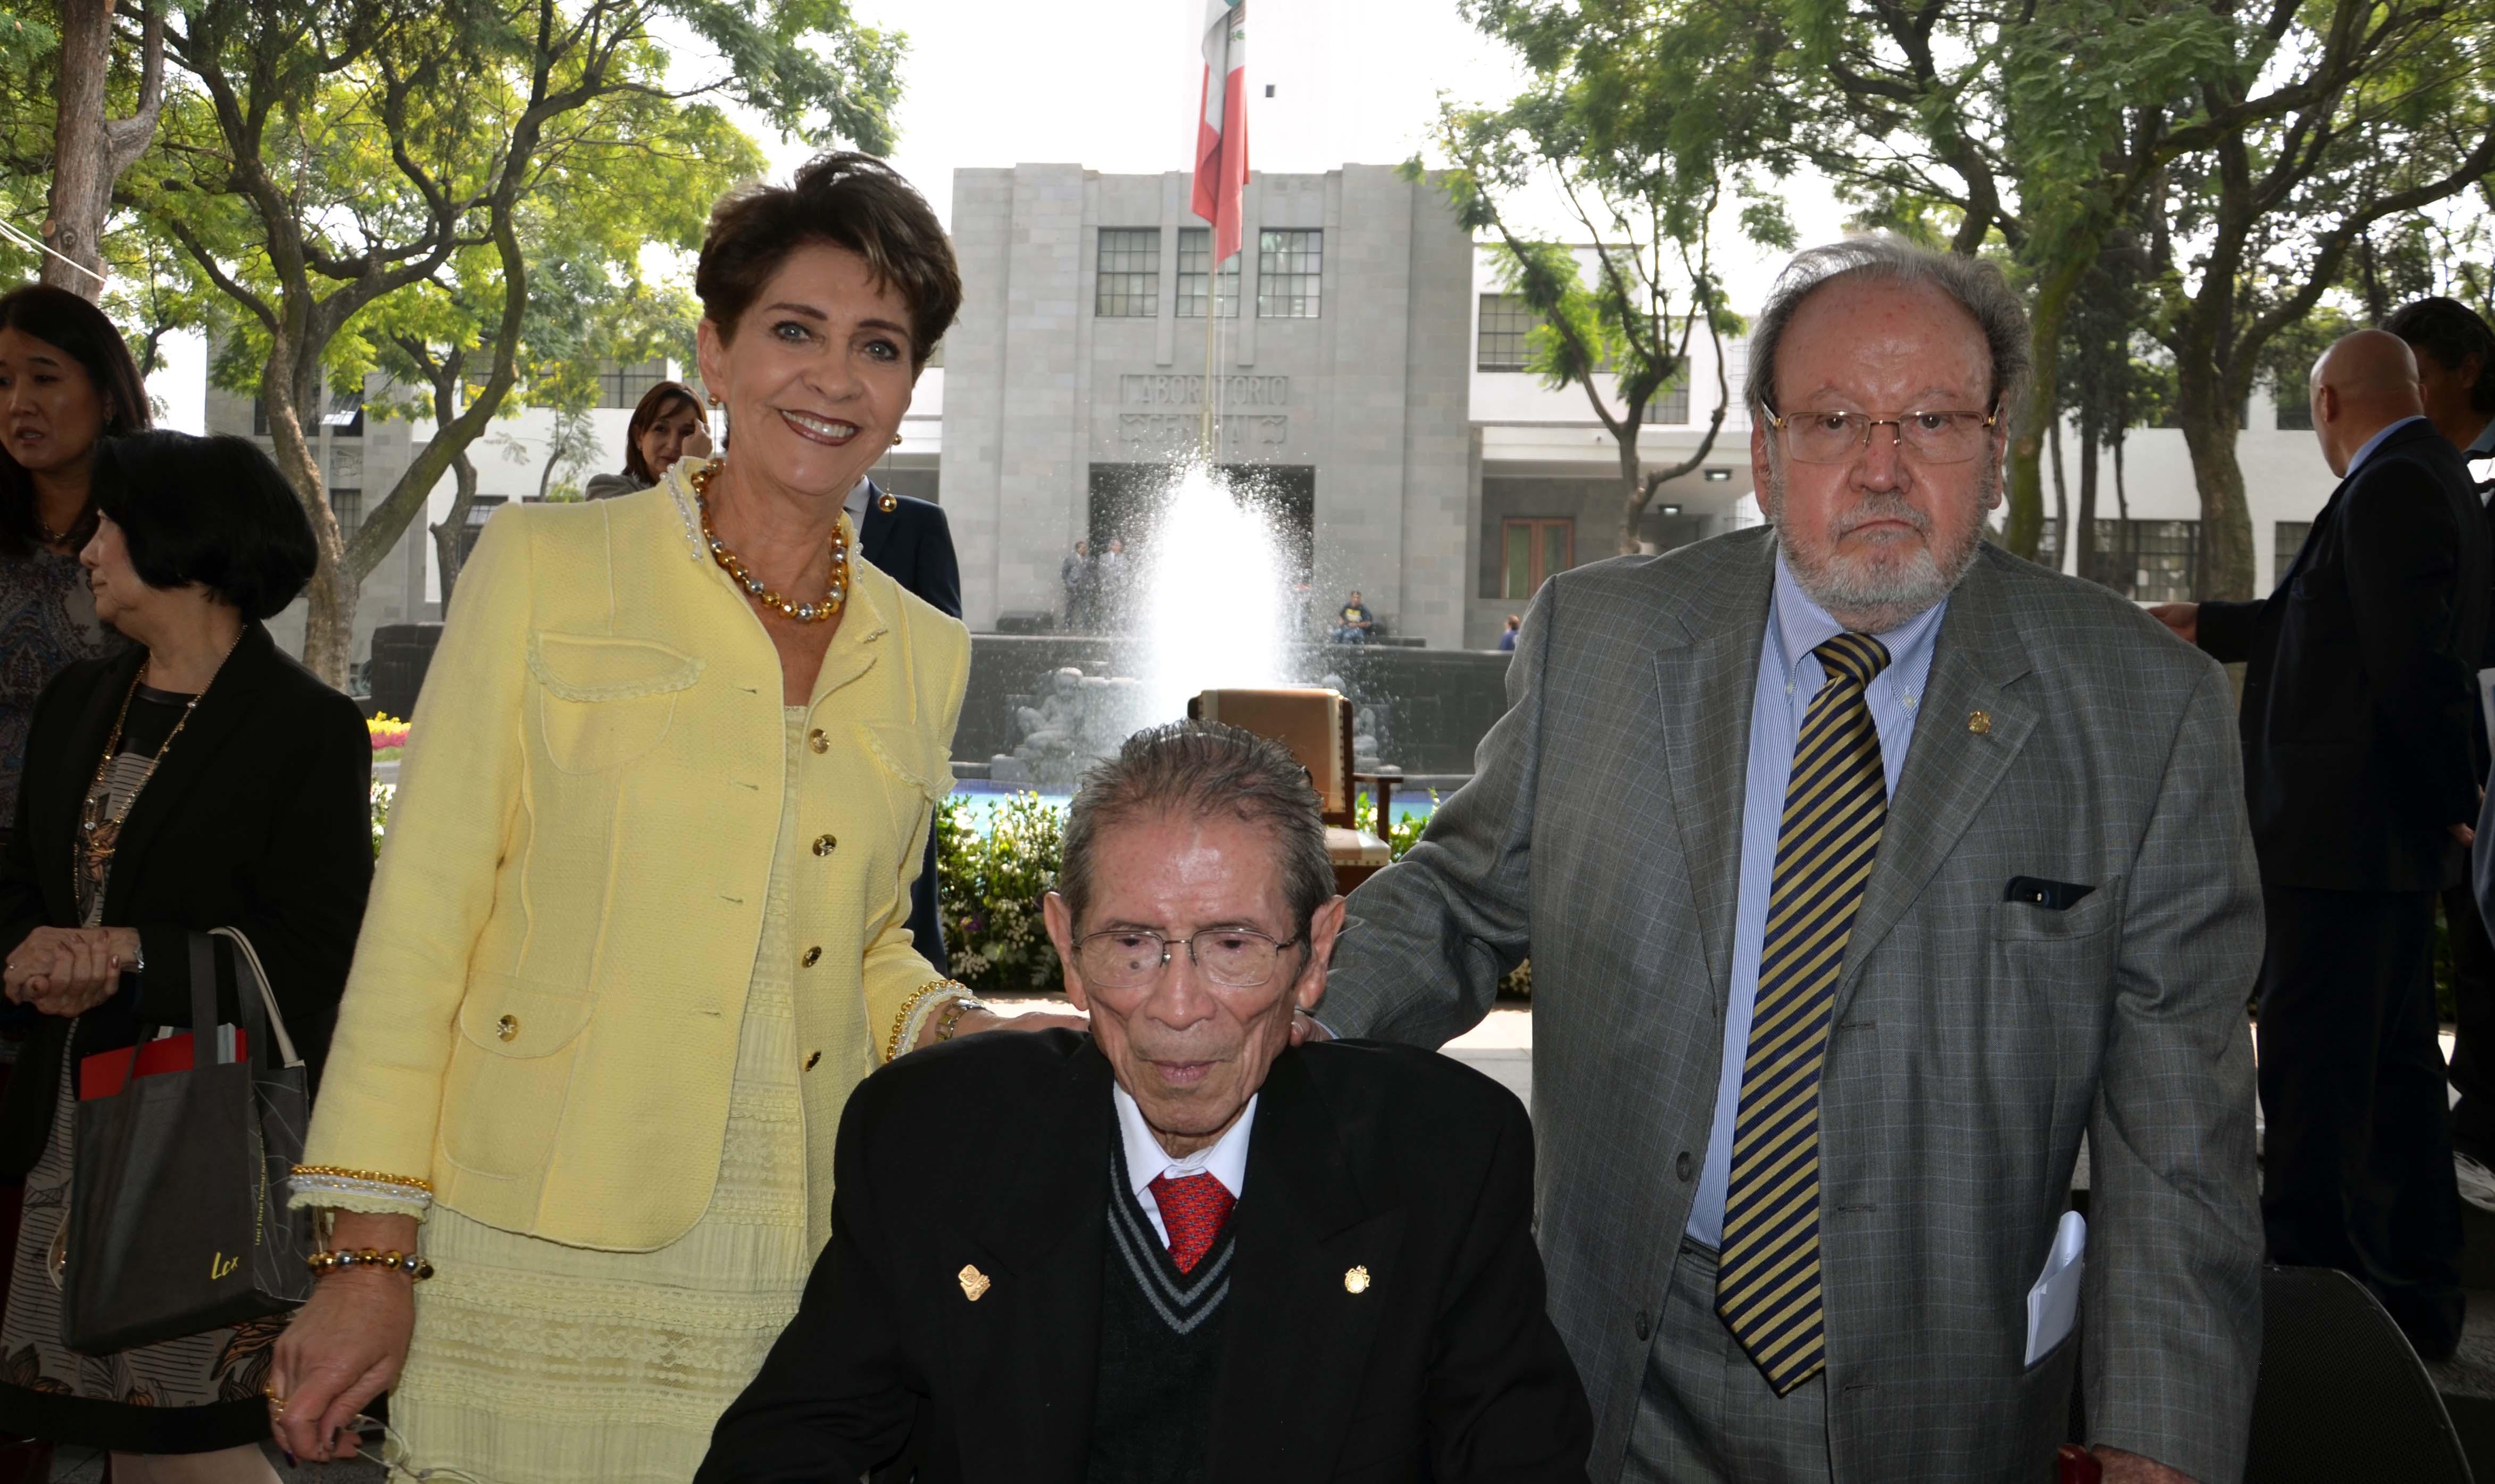 Rinden homenaje al doctor Jesús Kumate Rodríguez, en su 90 aniversario